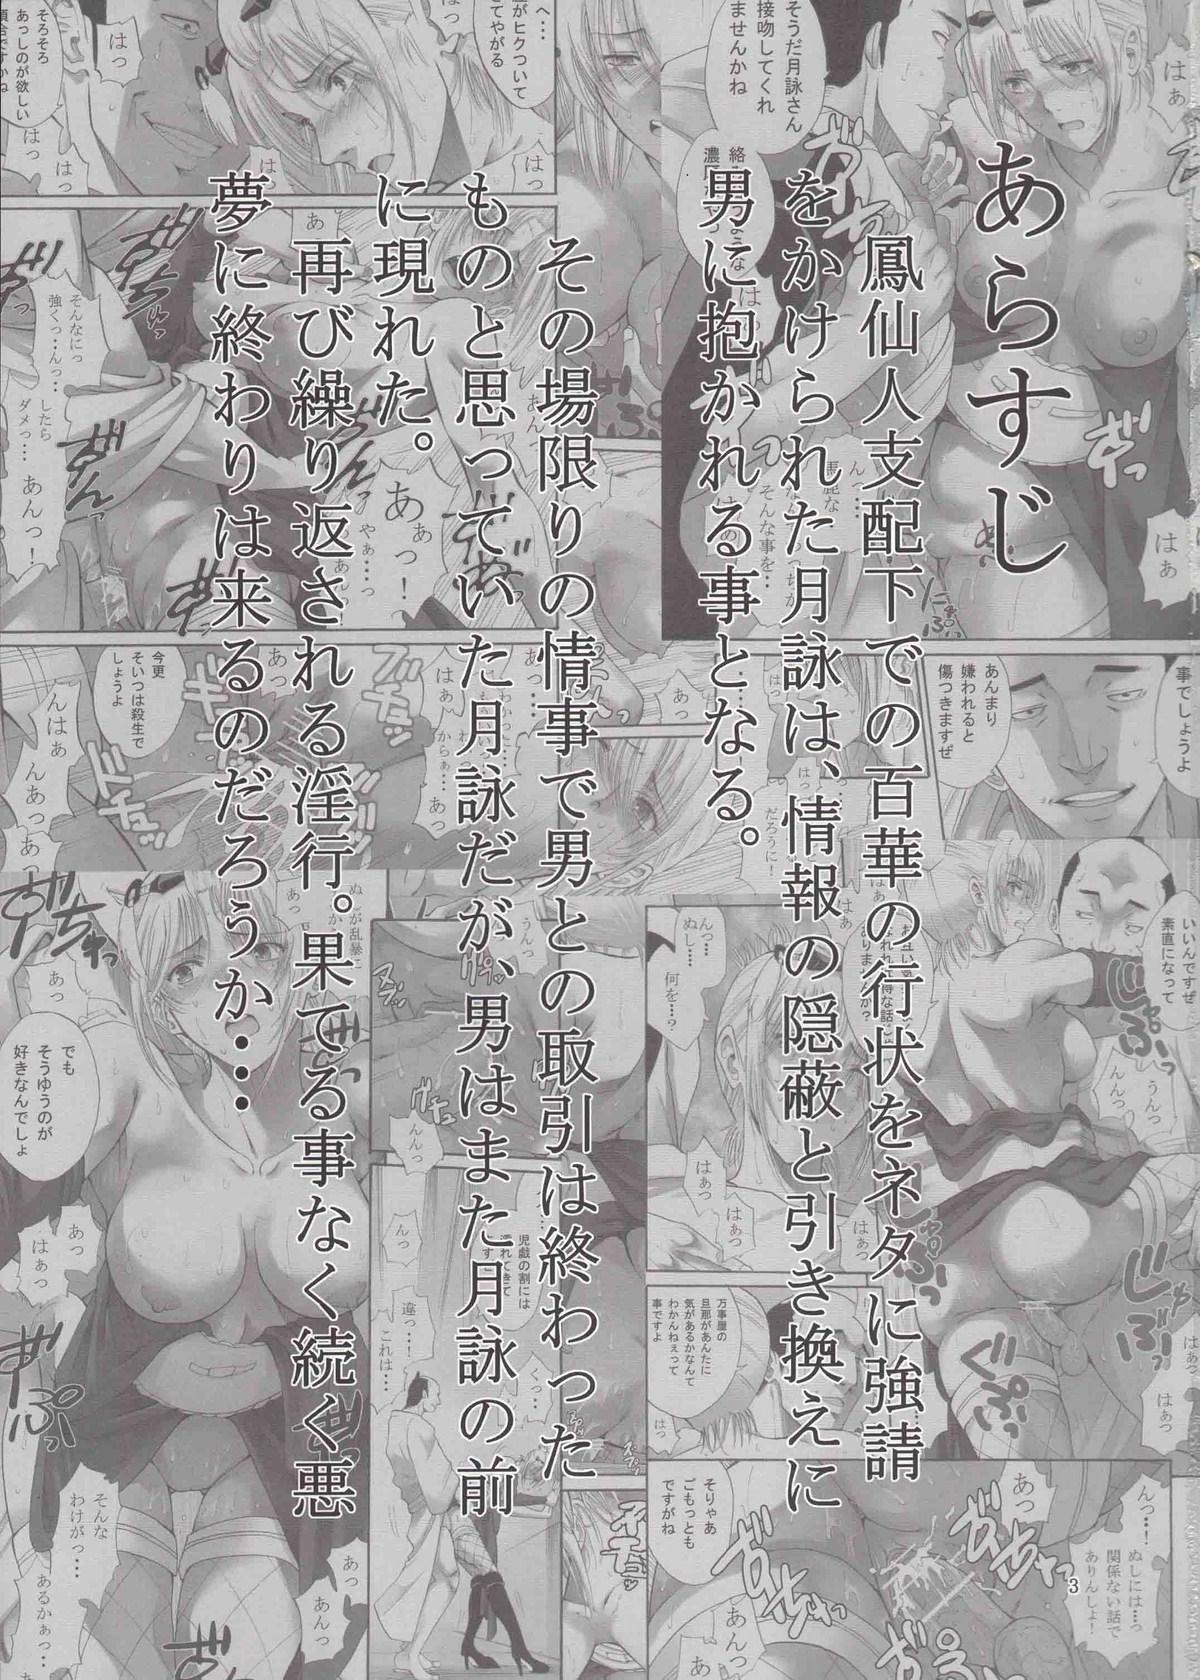 Tsukuyo-san ga Iyarashii Koto o Sarete Shimau Hanashi 3 2